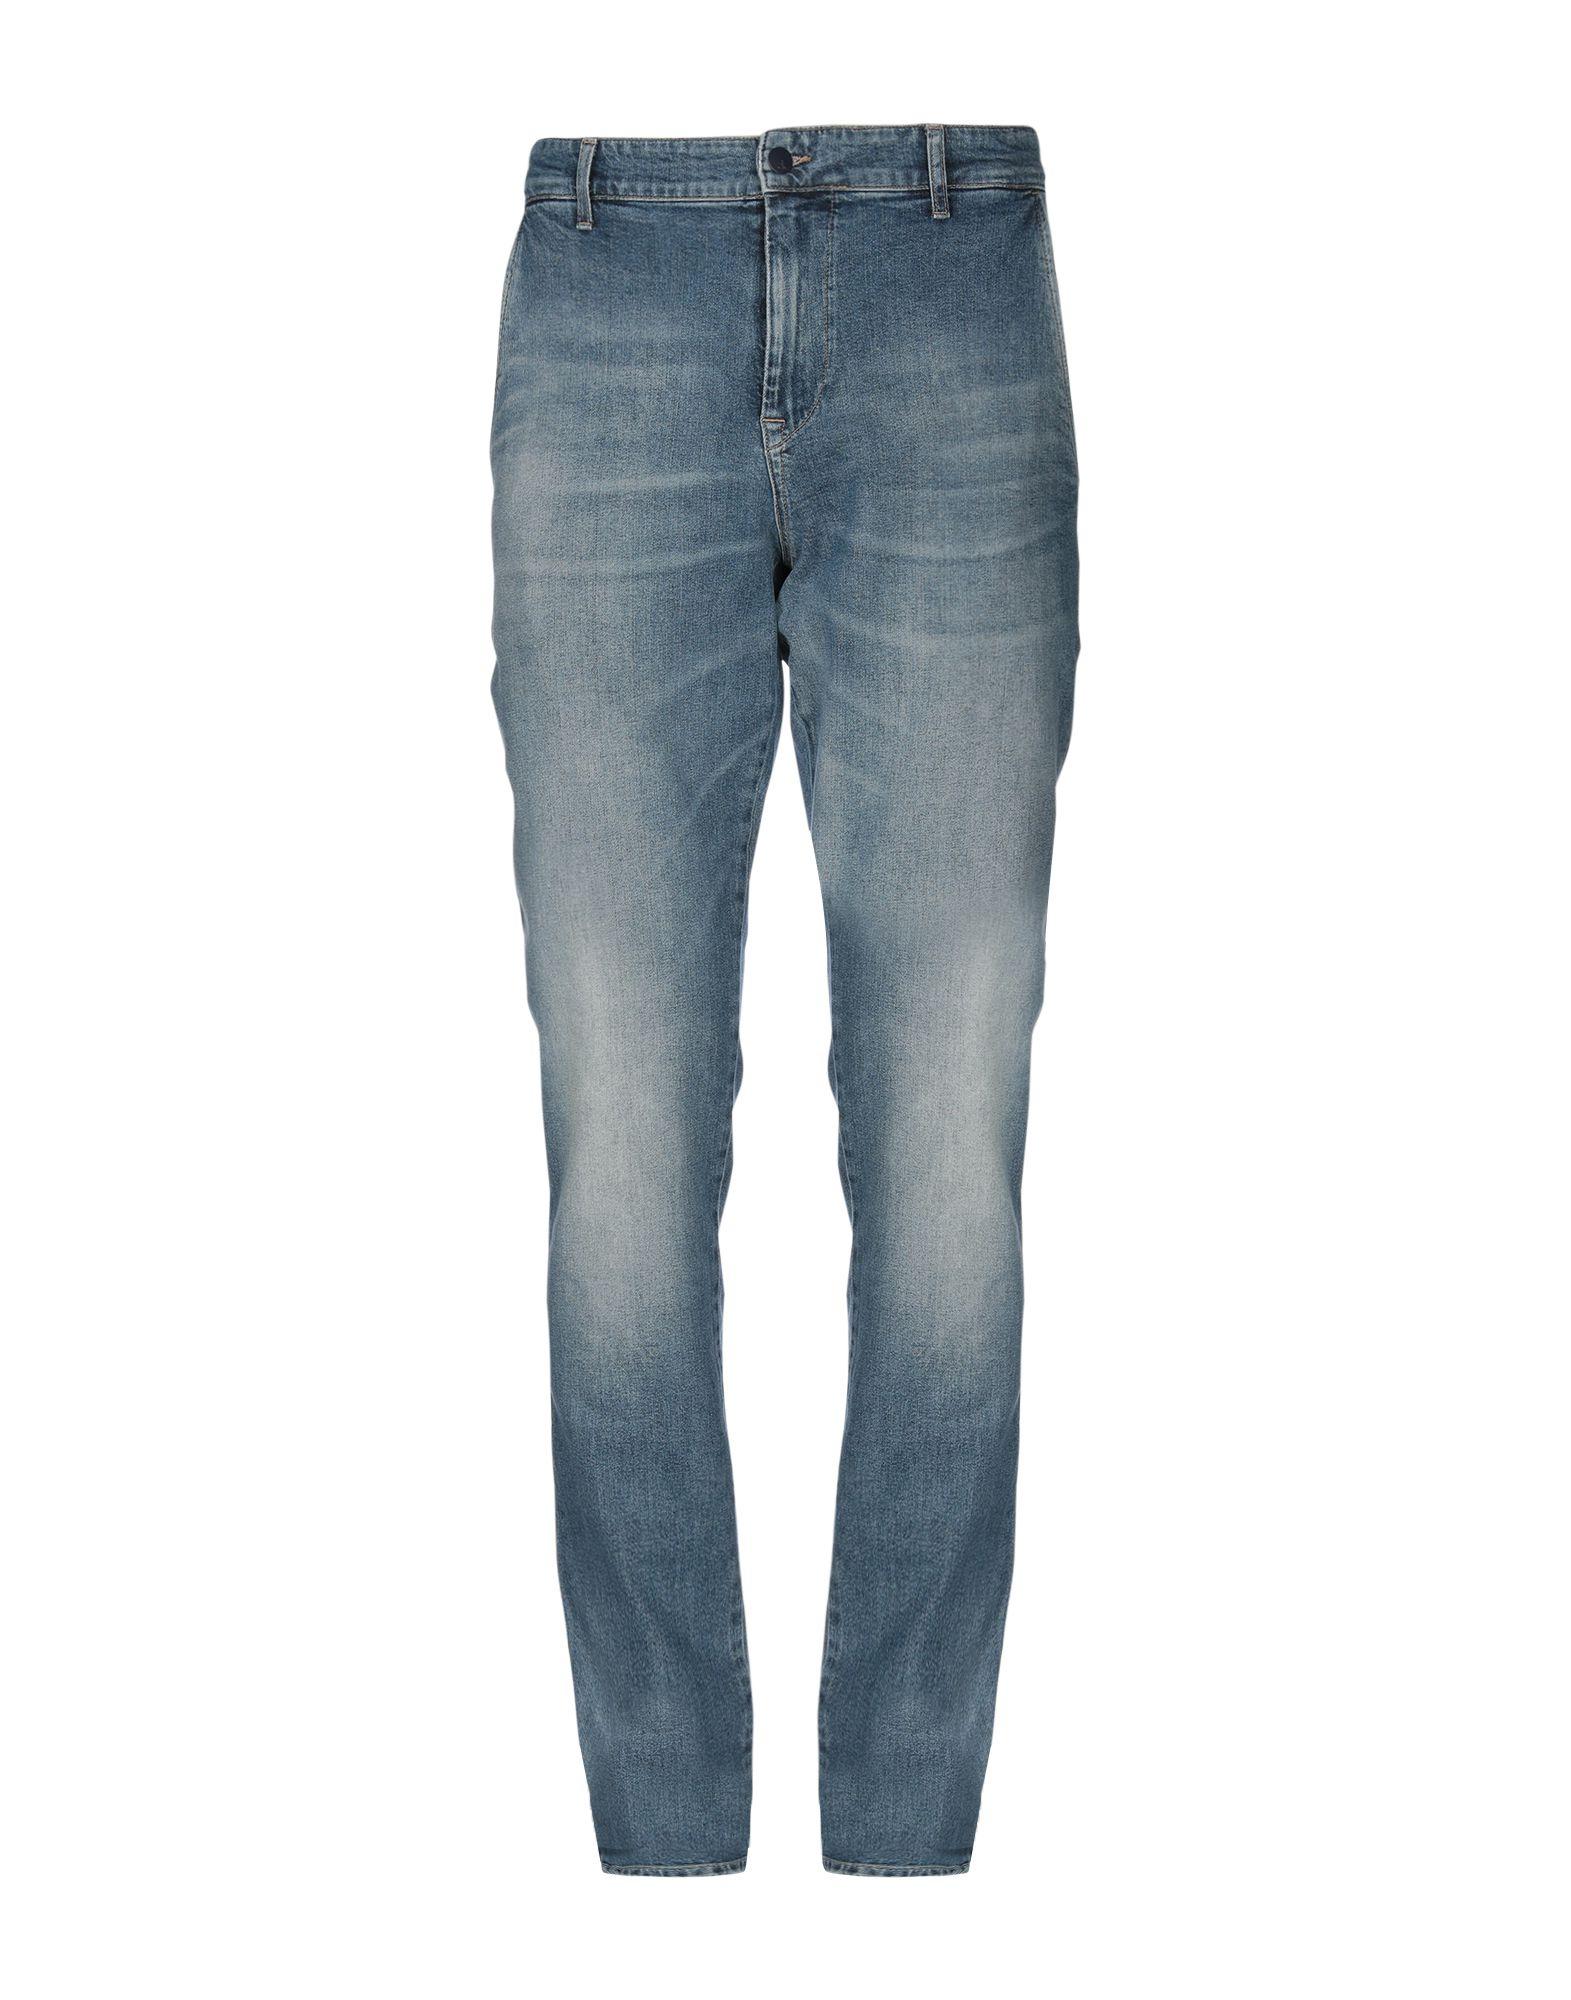 《送料無料》CALVIN KLEIN JEANS メンズ ジーンズ ブルー 31W-32L コットン 94% / ポリエステル 5% / ポリウレタン 1%